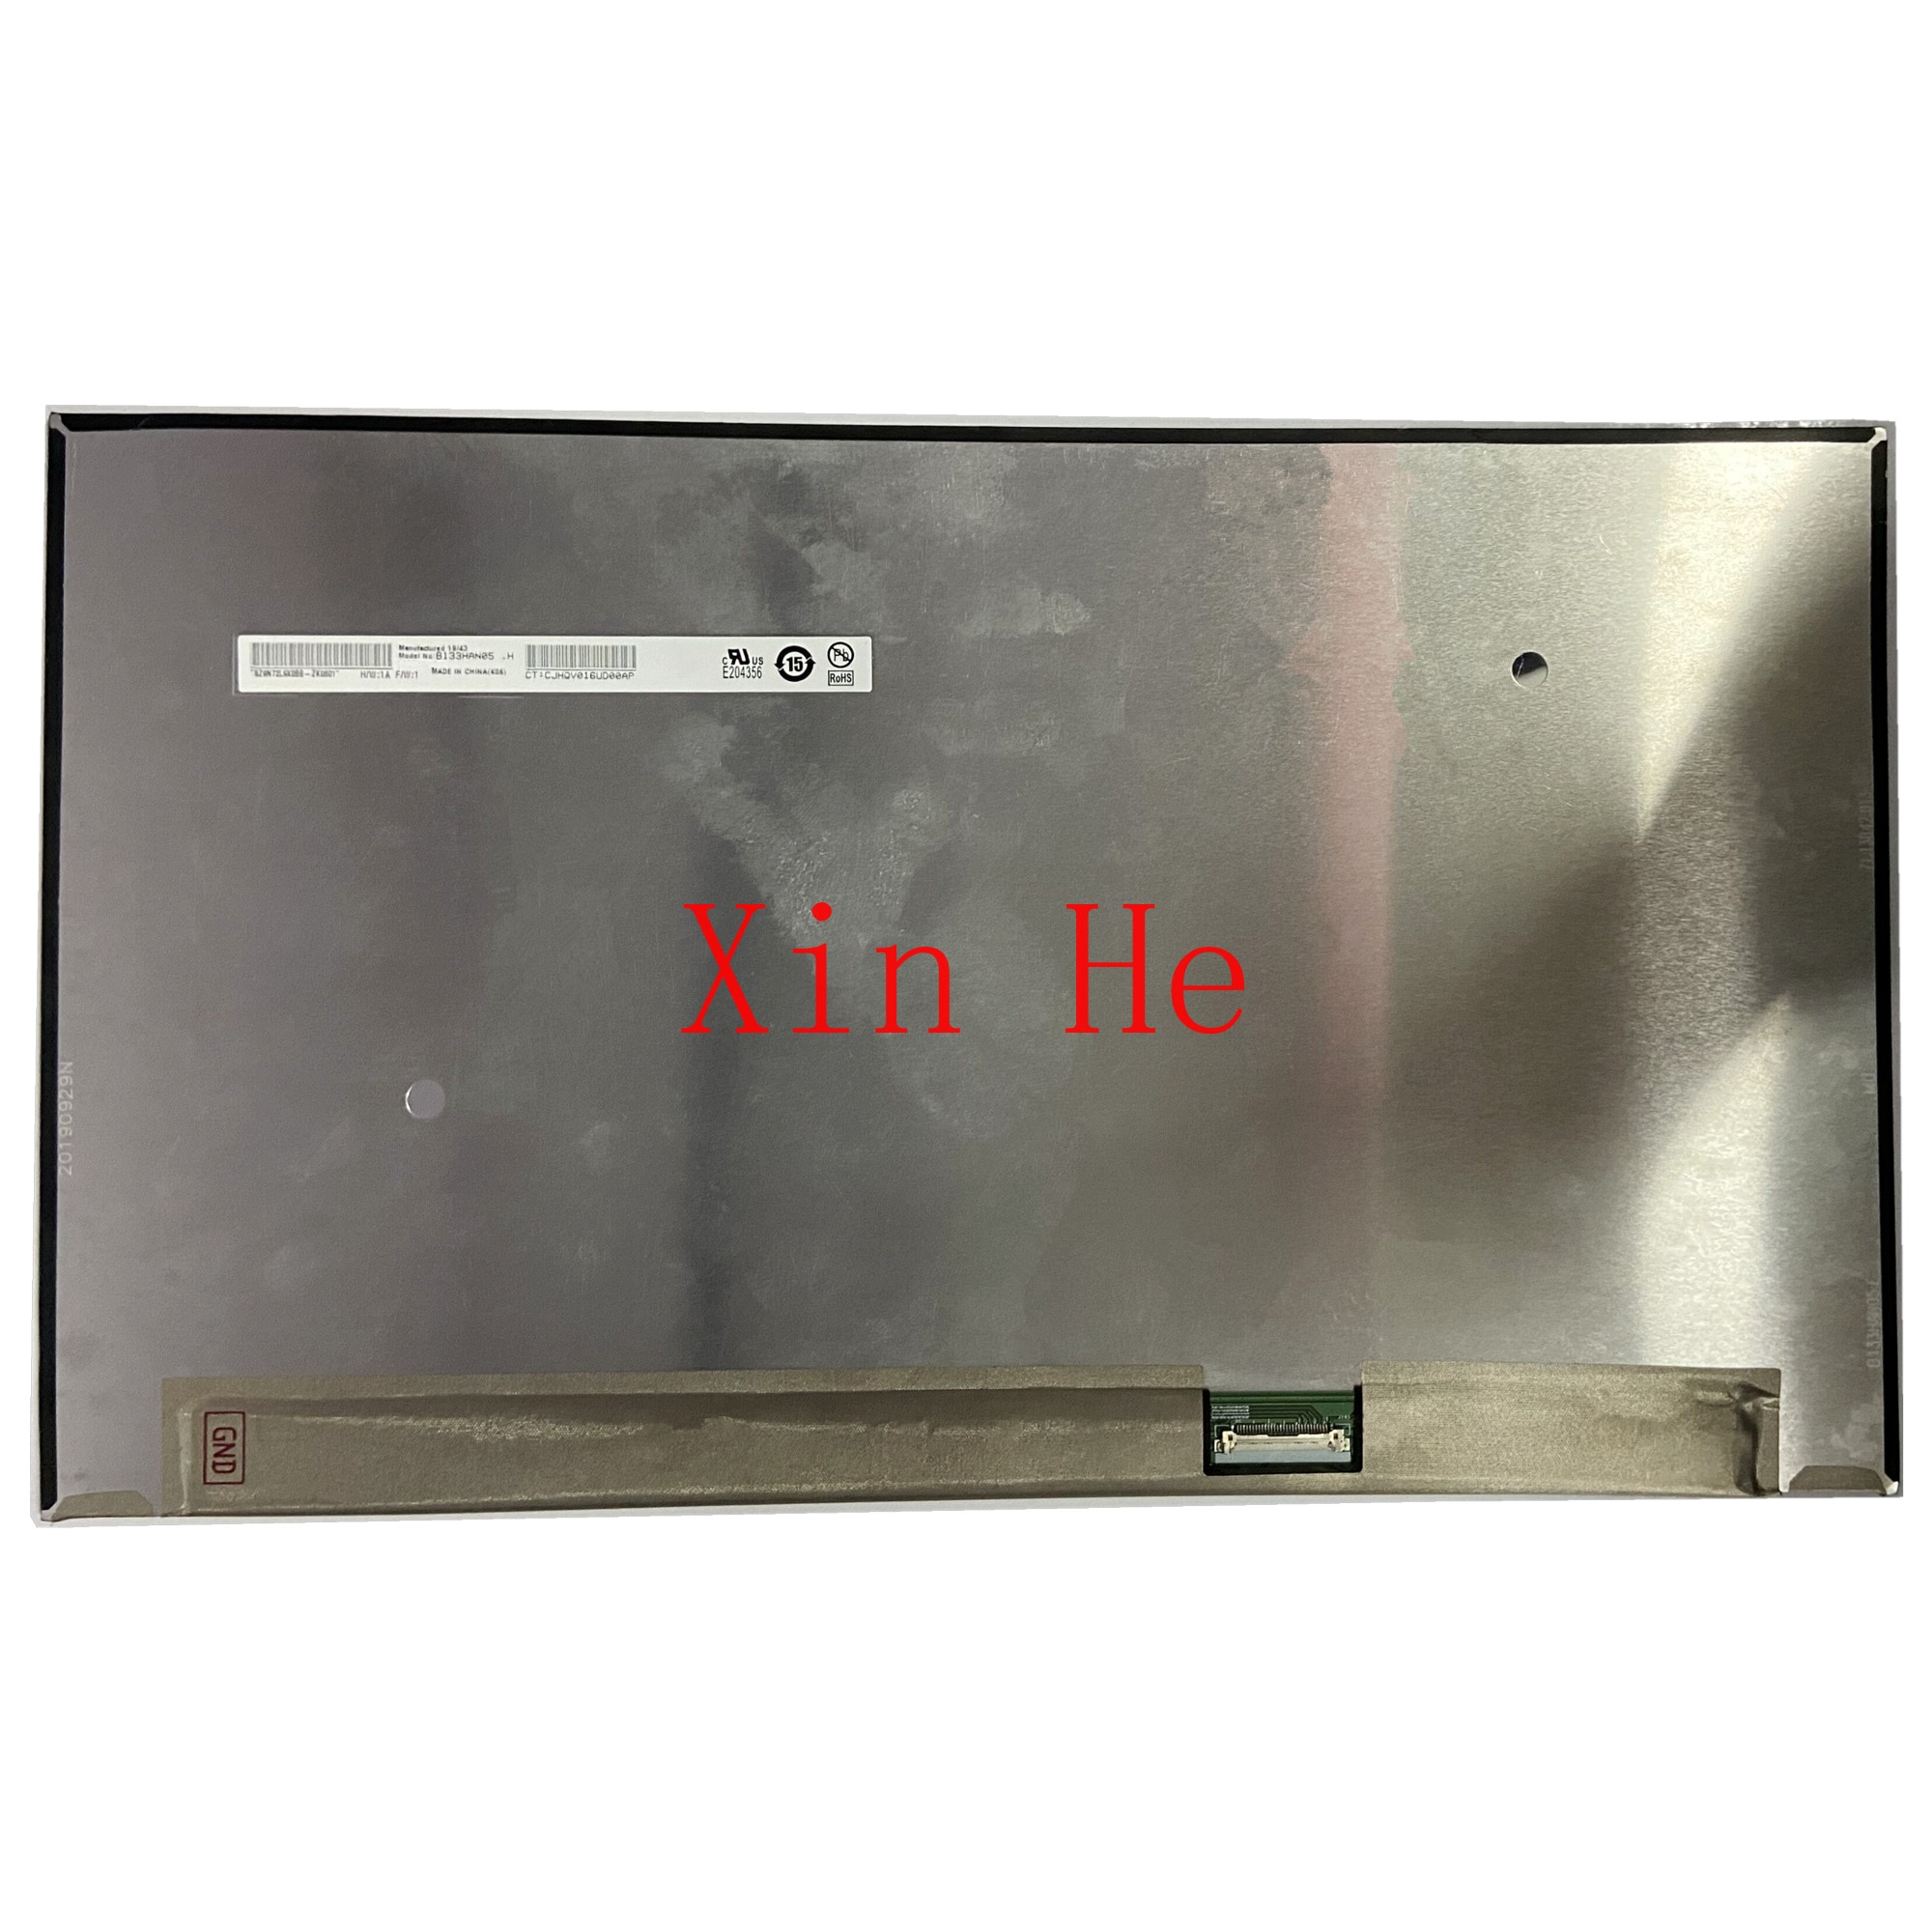 B133hanبألوان h 13.3 ''IPS شاشة لاب توب Lcd استبدال العرض 1920*1080 EDP 30 Pins